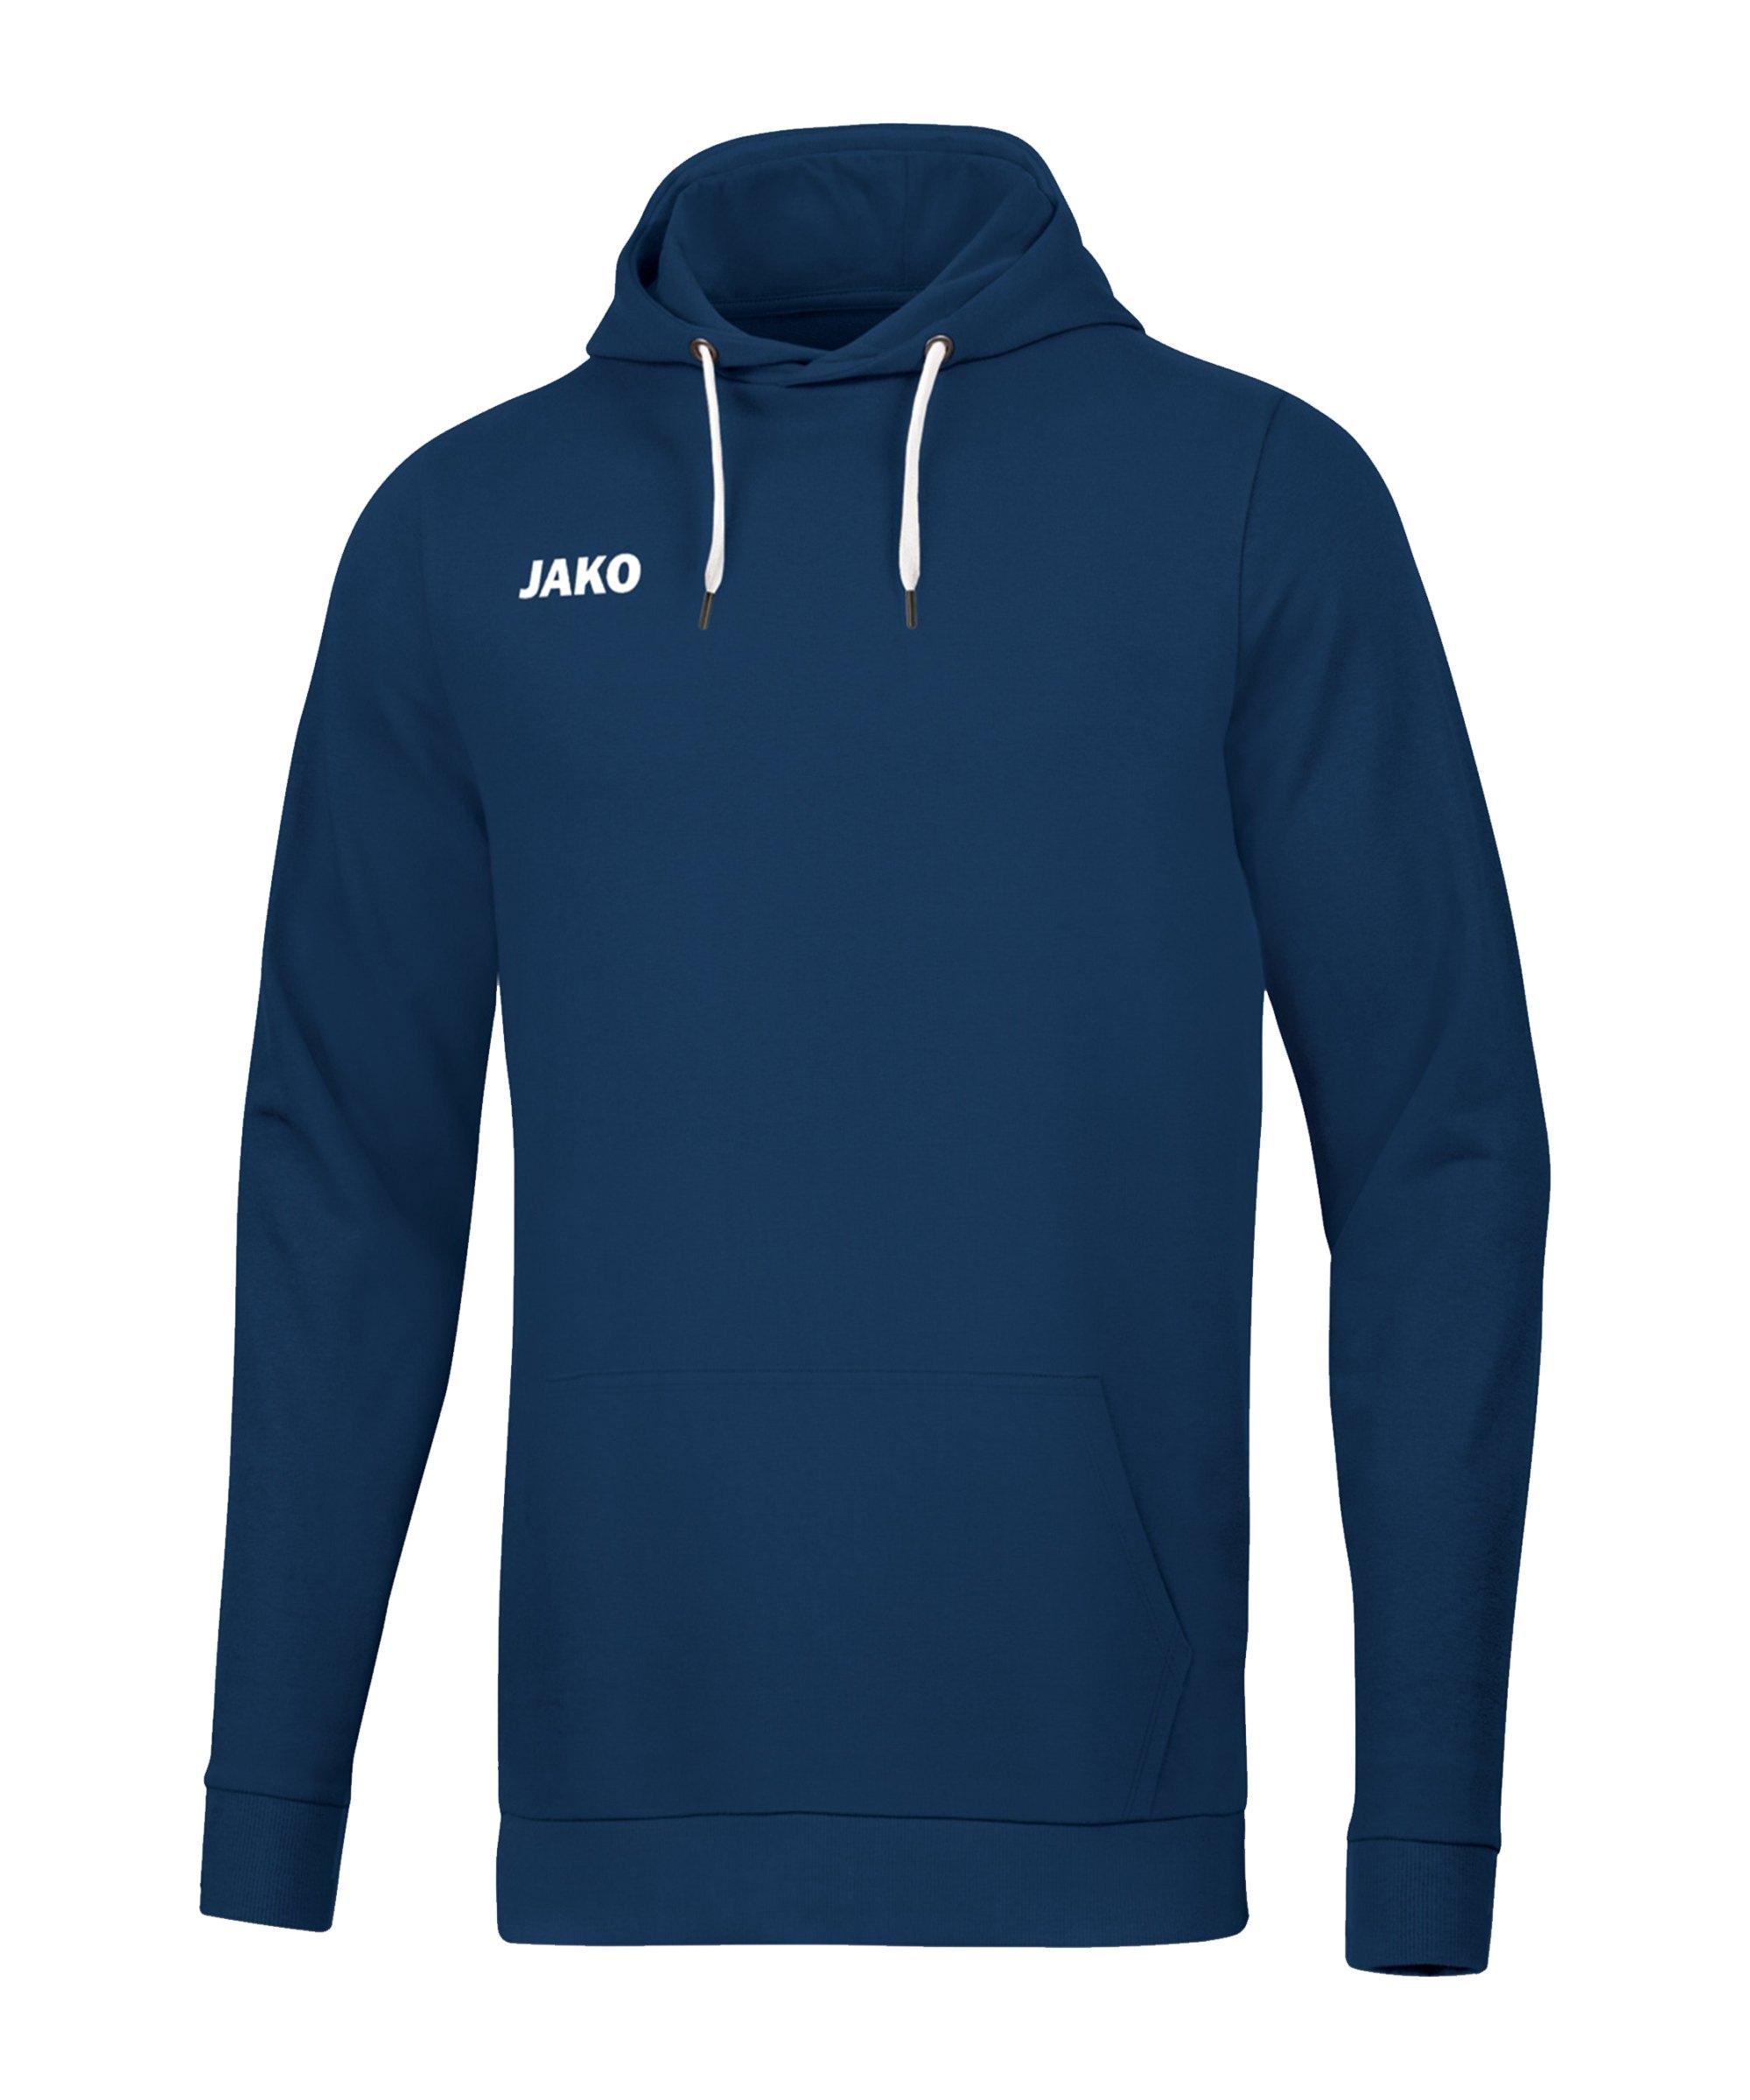 JAKO Base Hoody Blau F09 - blau